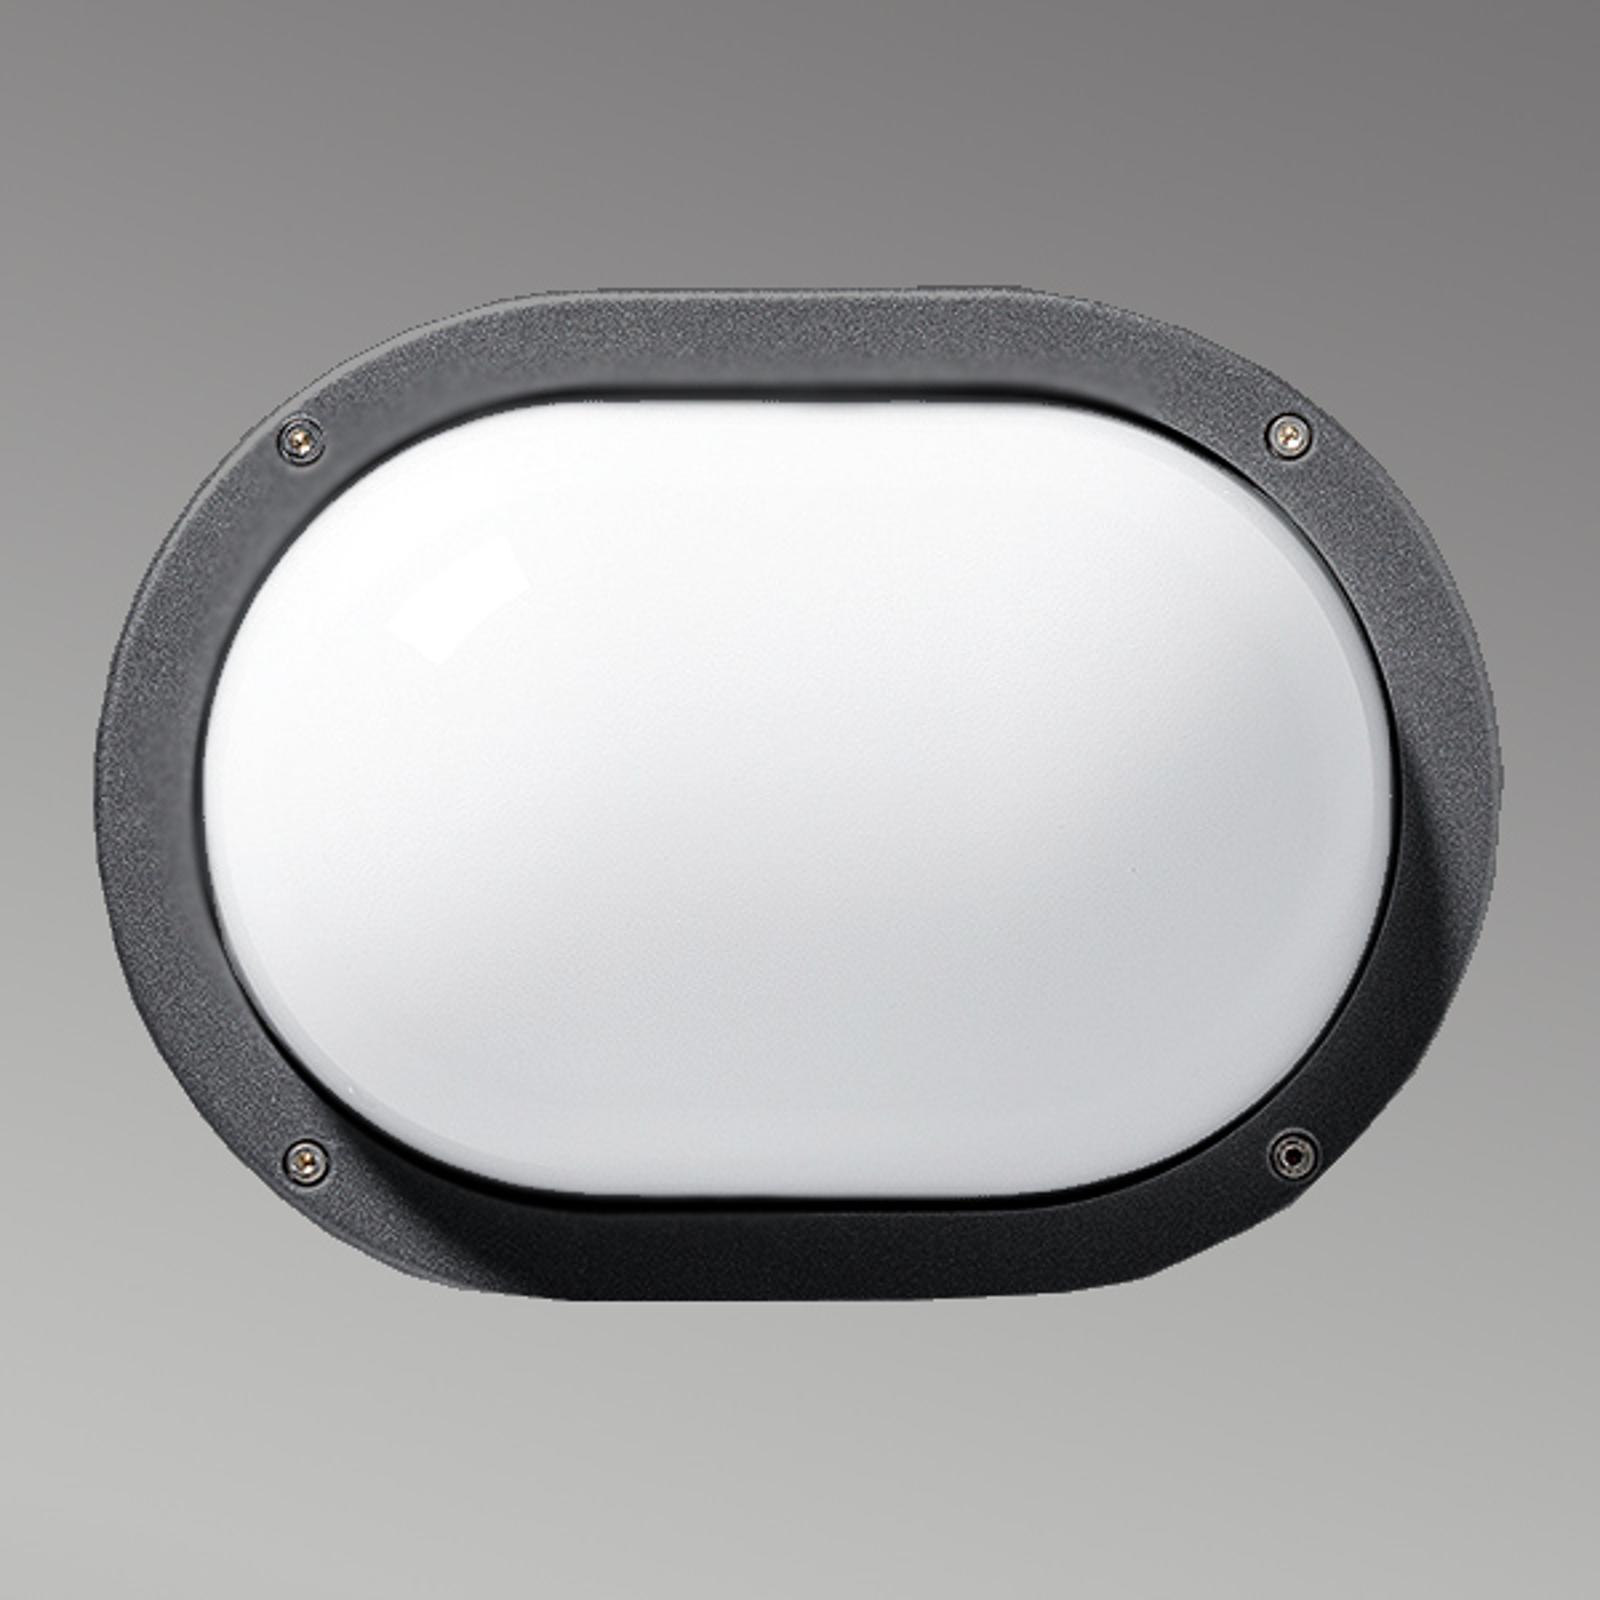 Praktische buitenwandlamp EKO, antraciet